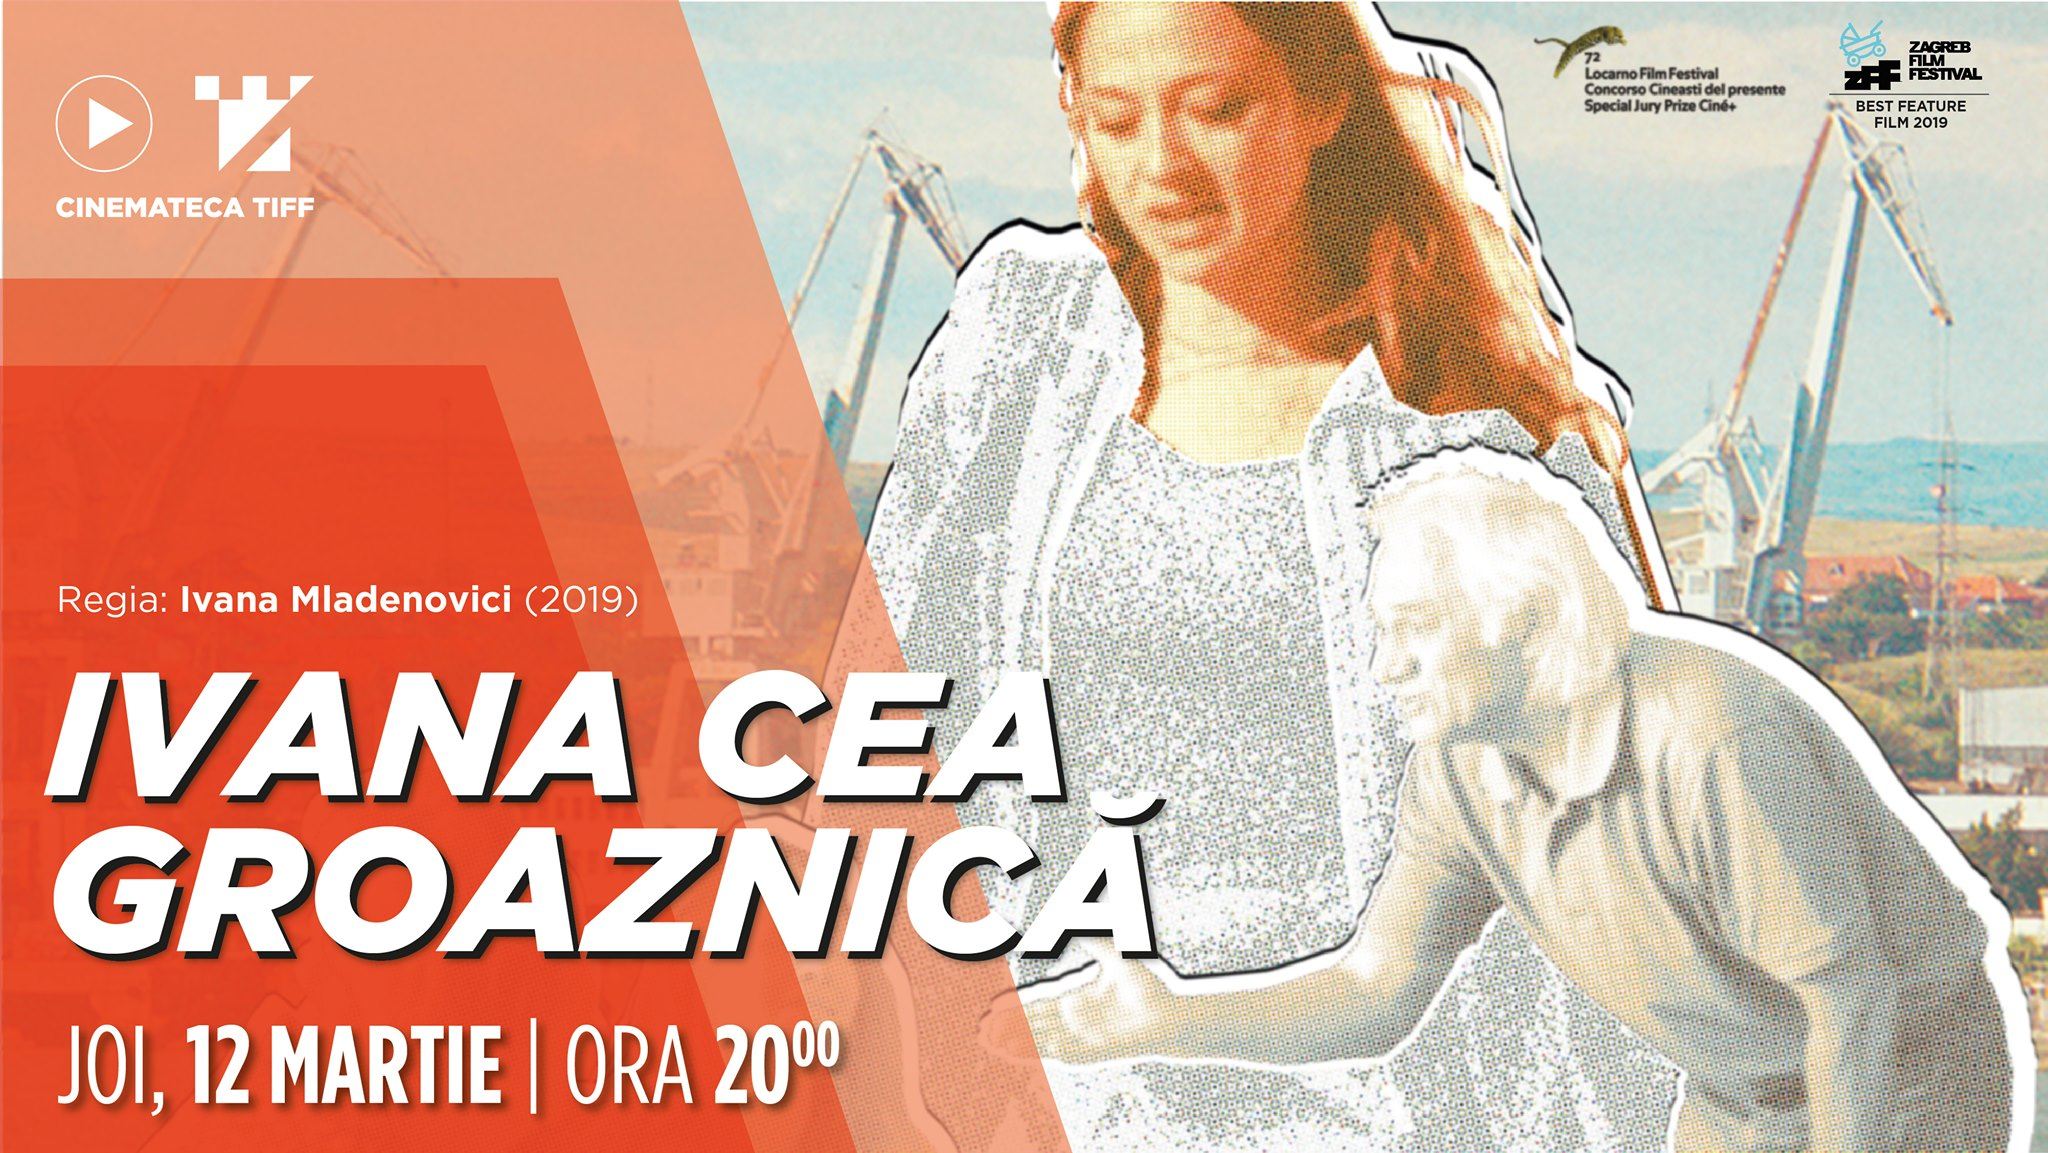 Ivana Cea Groaznică | Proiecție Specială – Cinemateca TIFF @ Cinema Victoria